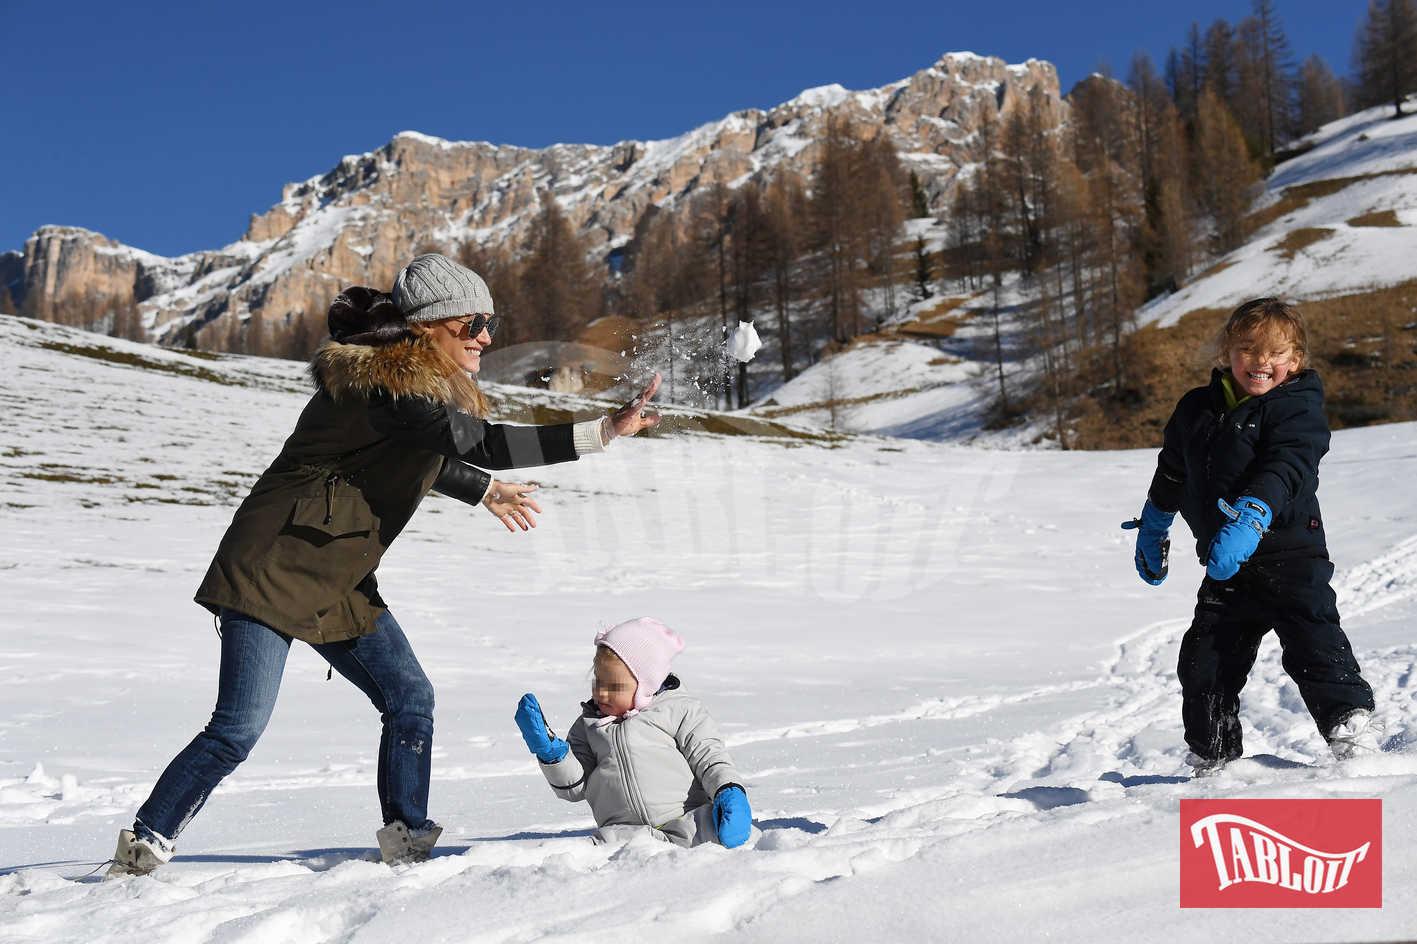 Michelle e le figlie si divertono a lanciarsi le palle di neve. Sole e Celeste indossano delle tute da sci con scarponi e guanti mentre Michelle ha preferito un parka abbinato ai jeans